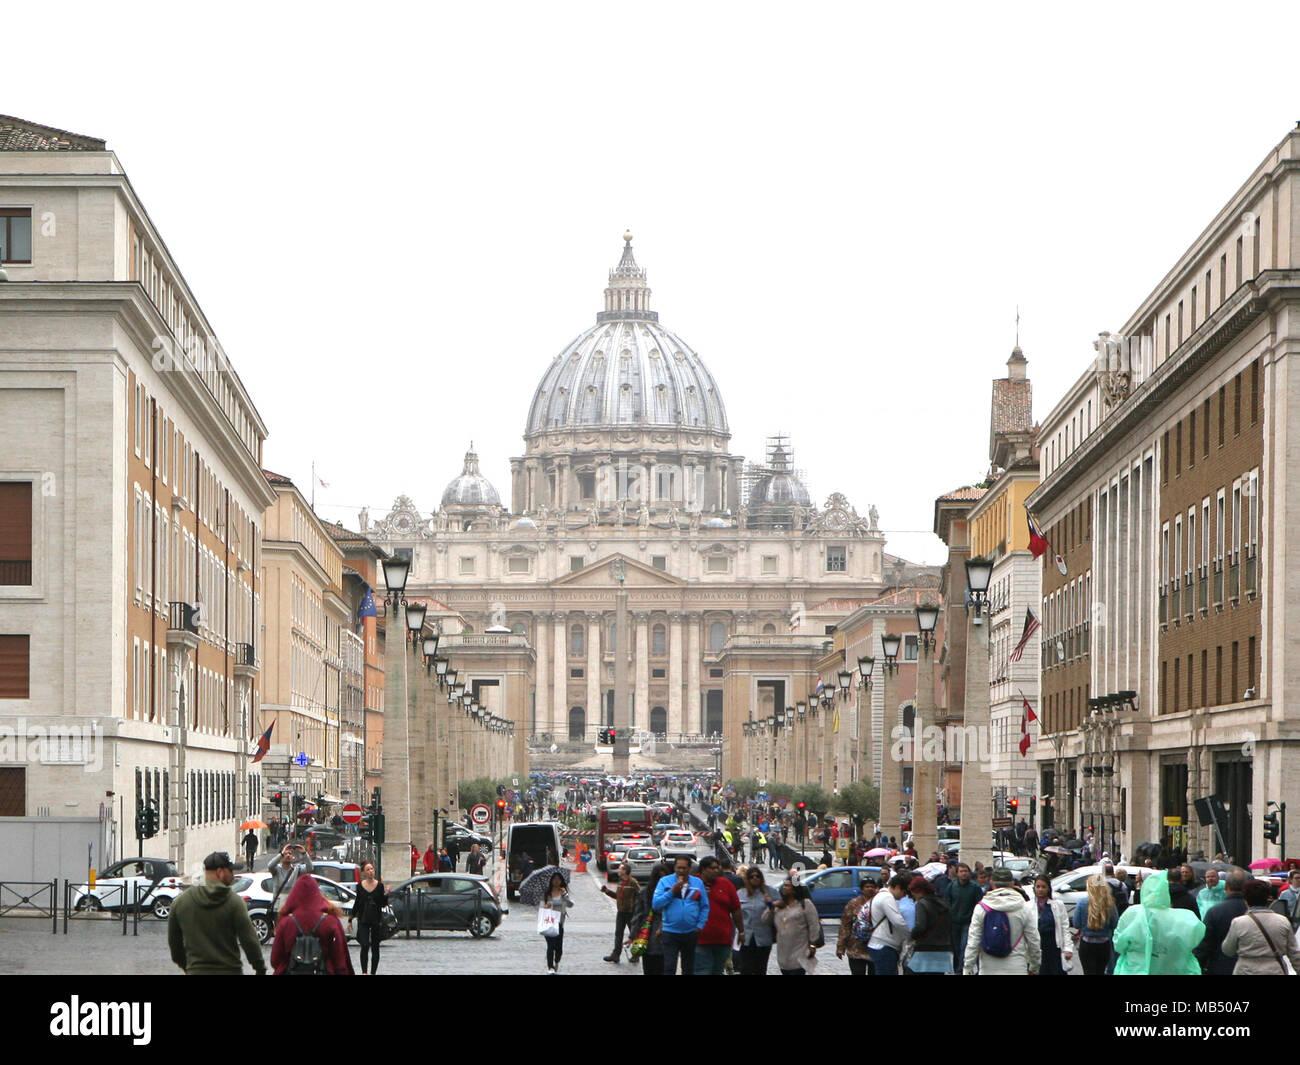 Strom von Menschen kommen und gehen, St. Peter, Rom, Italien Stockbild